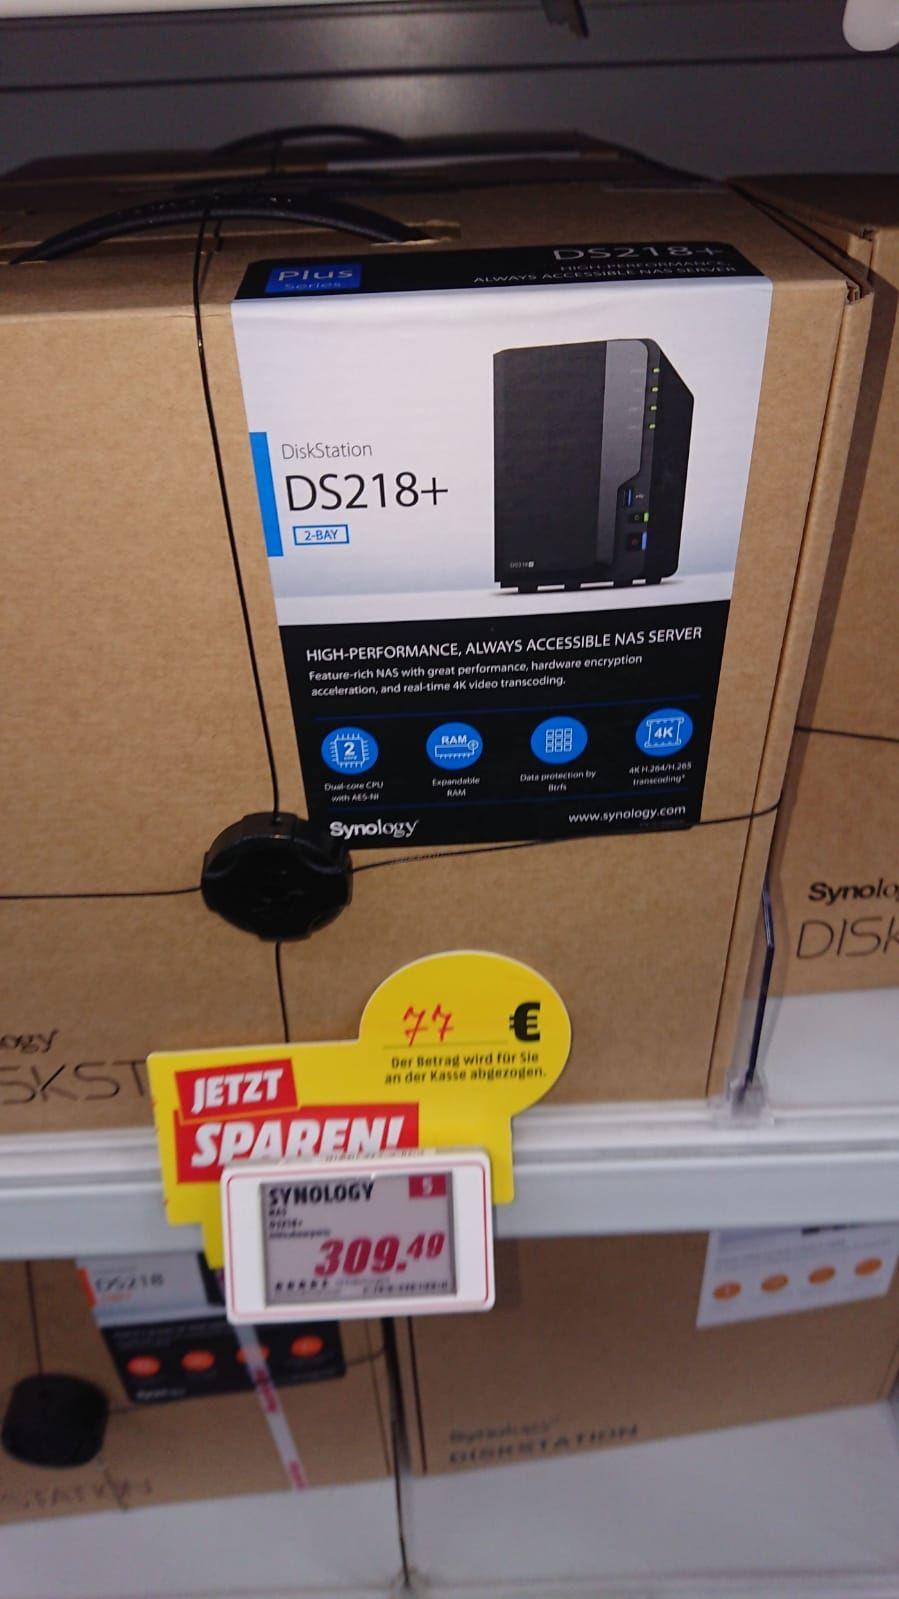 [Lokal Mediamarkt Bonn] NAS Server Synology DiskStation DS218+